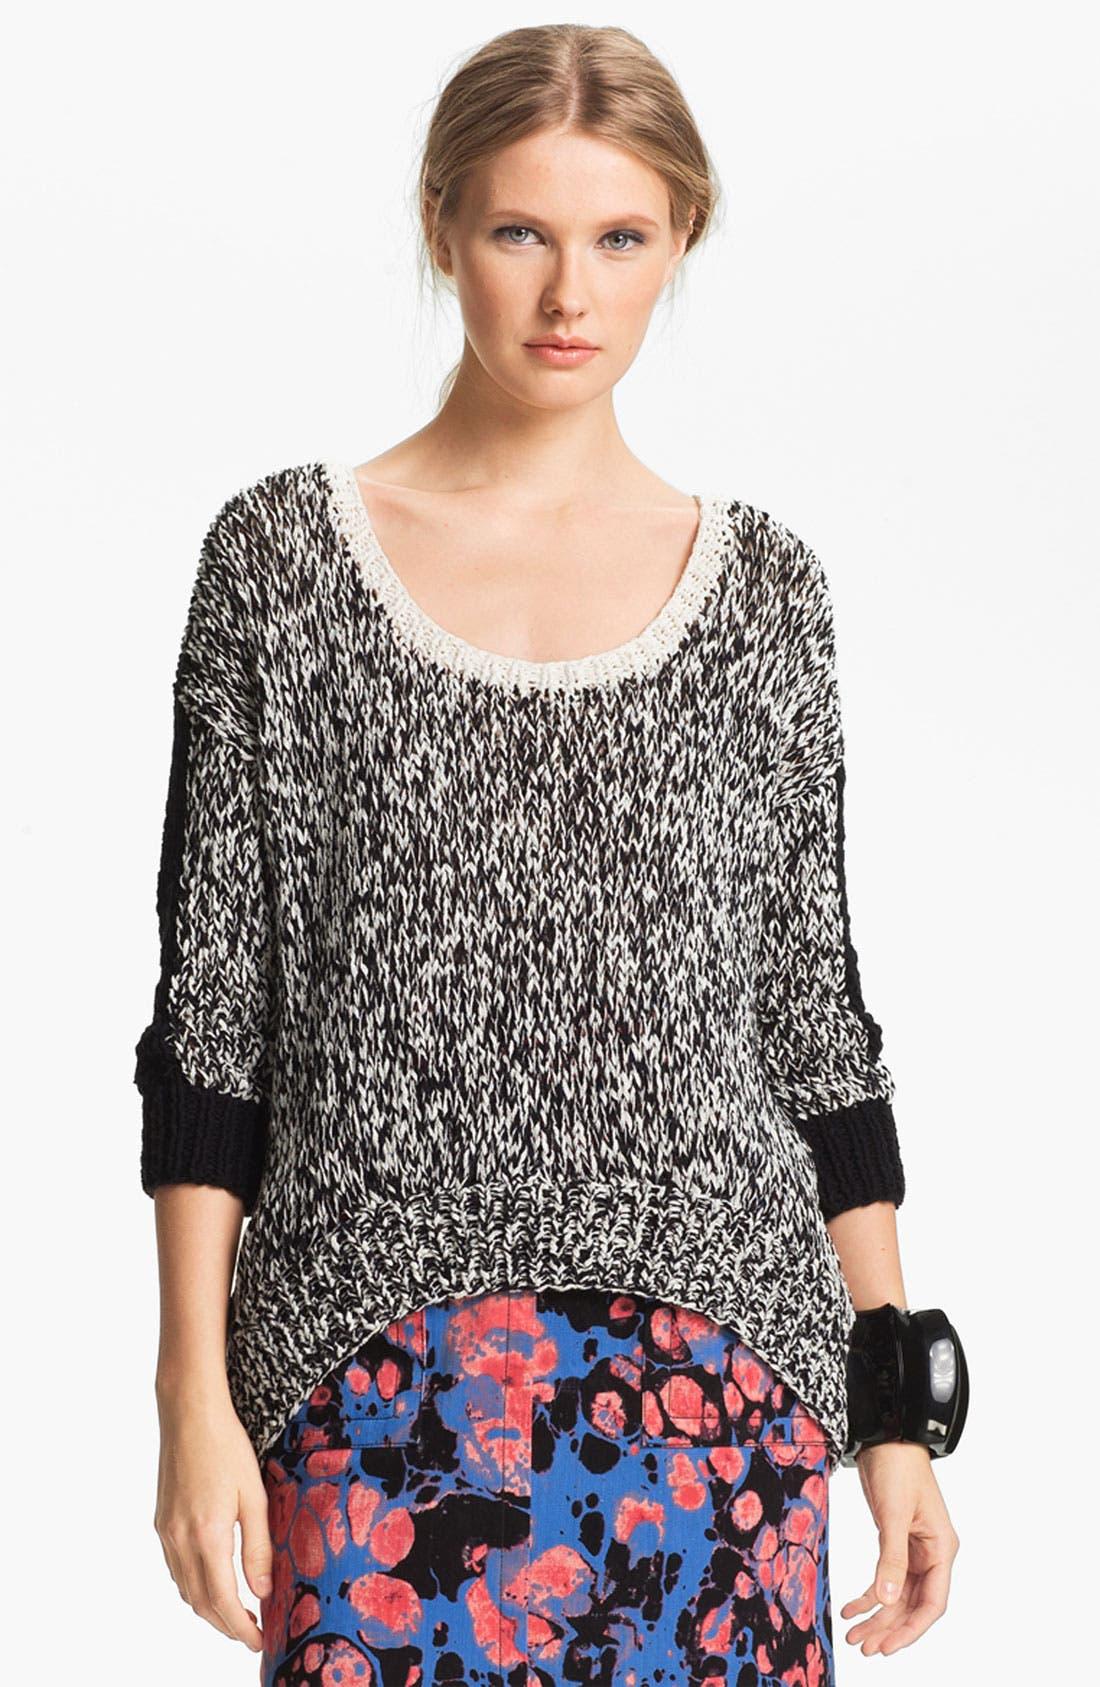 Main Image - Kelly Wearstler Sweater & Skirt